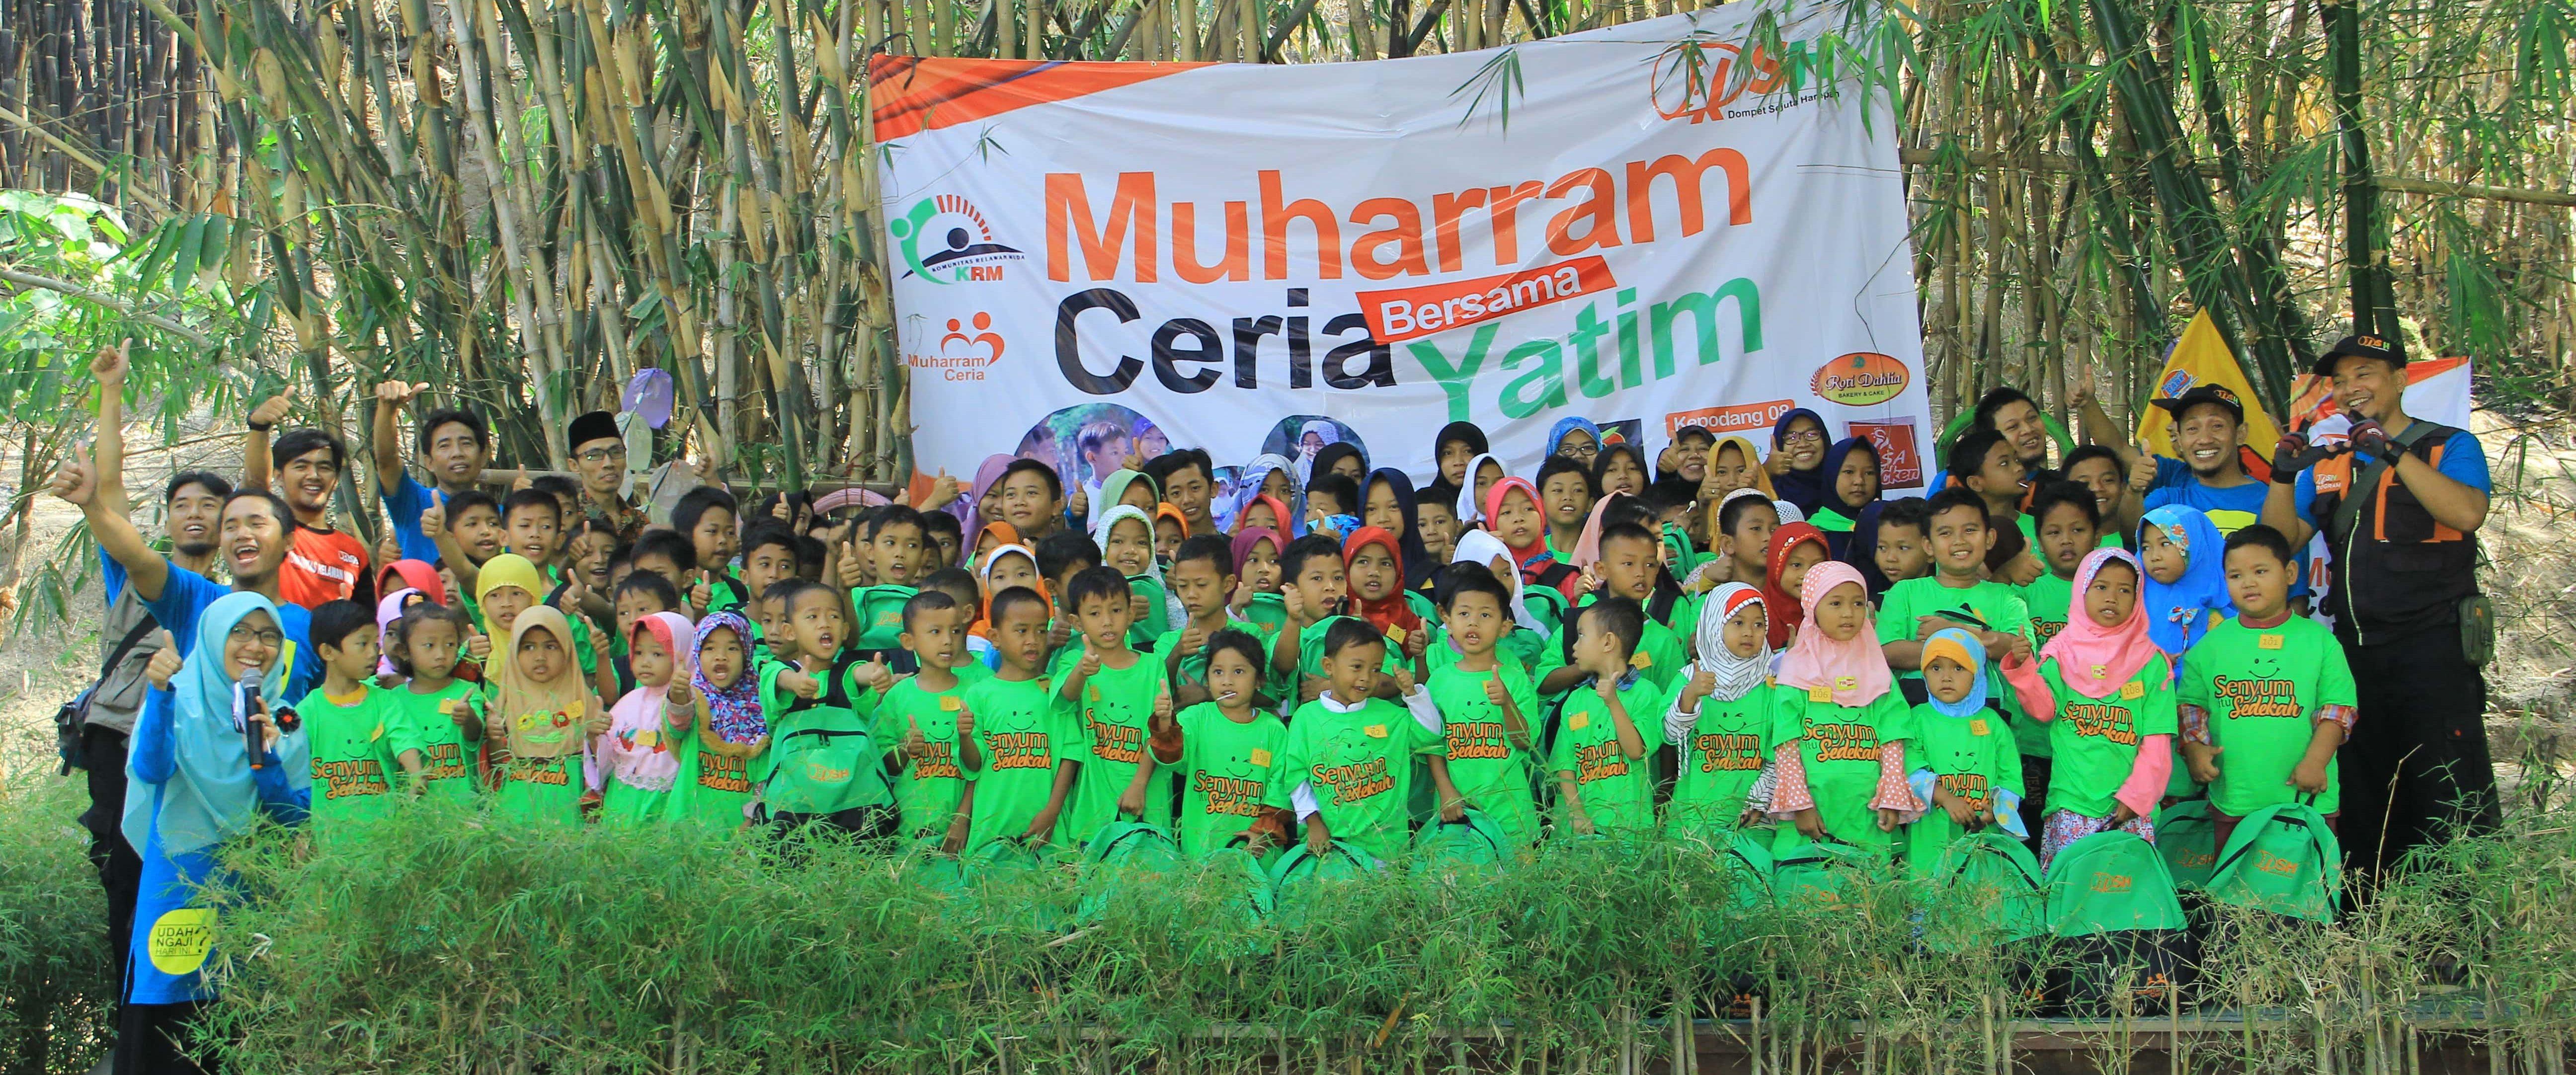 Muharram Ceria, Keceriaan Mereka Bahagia Kami